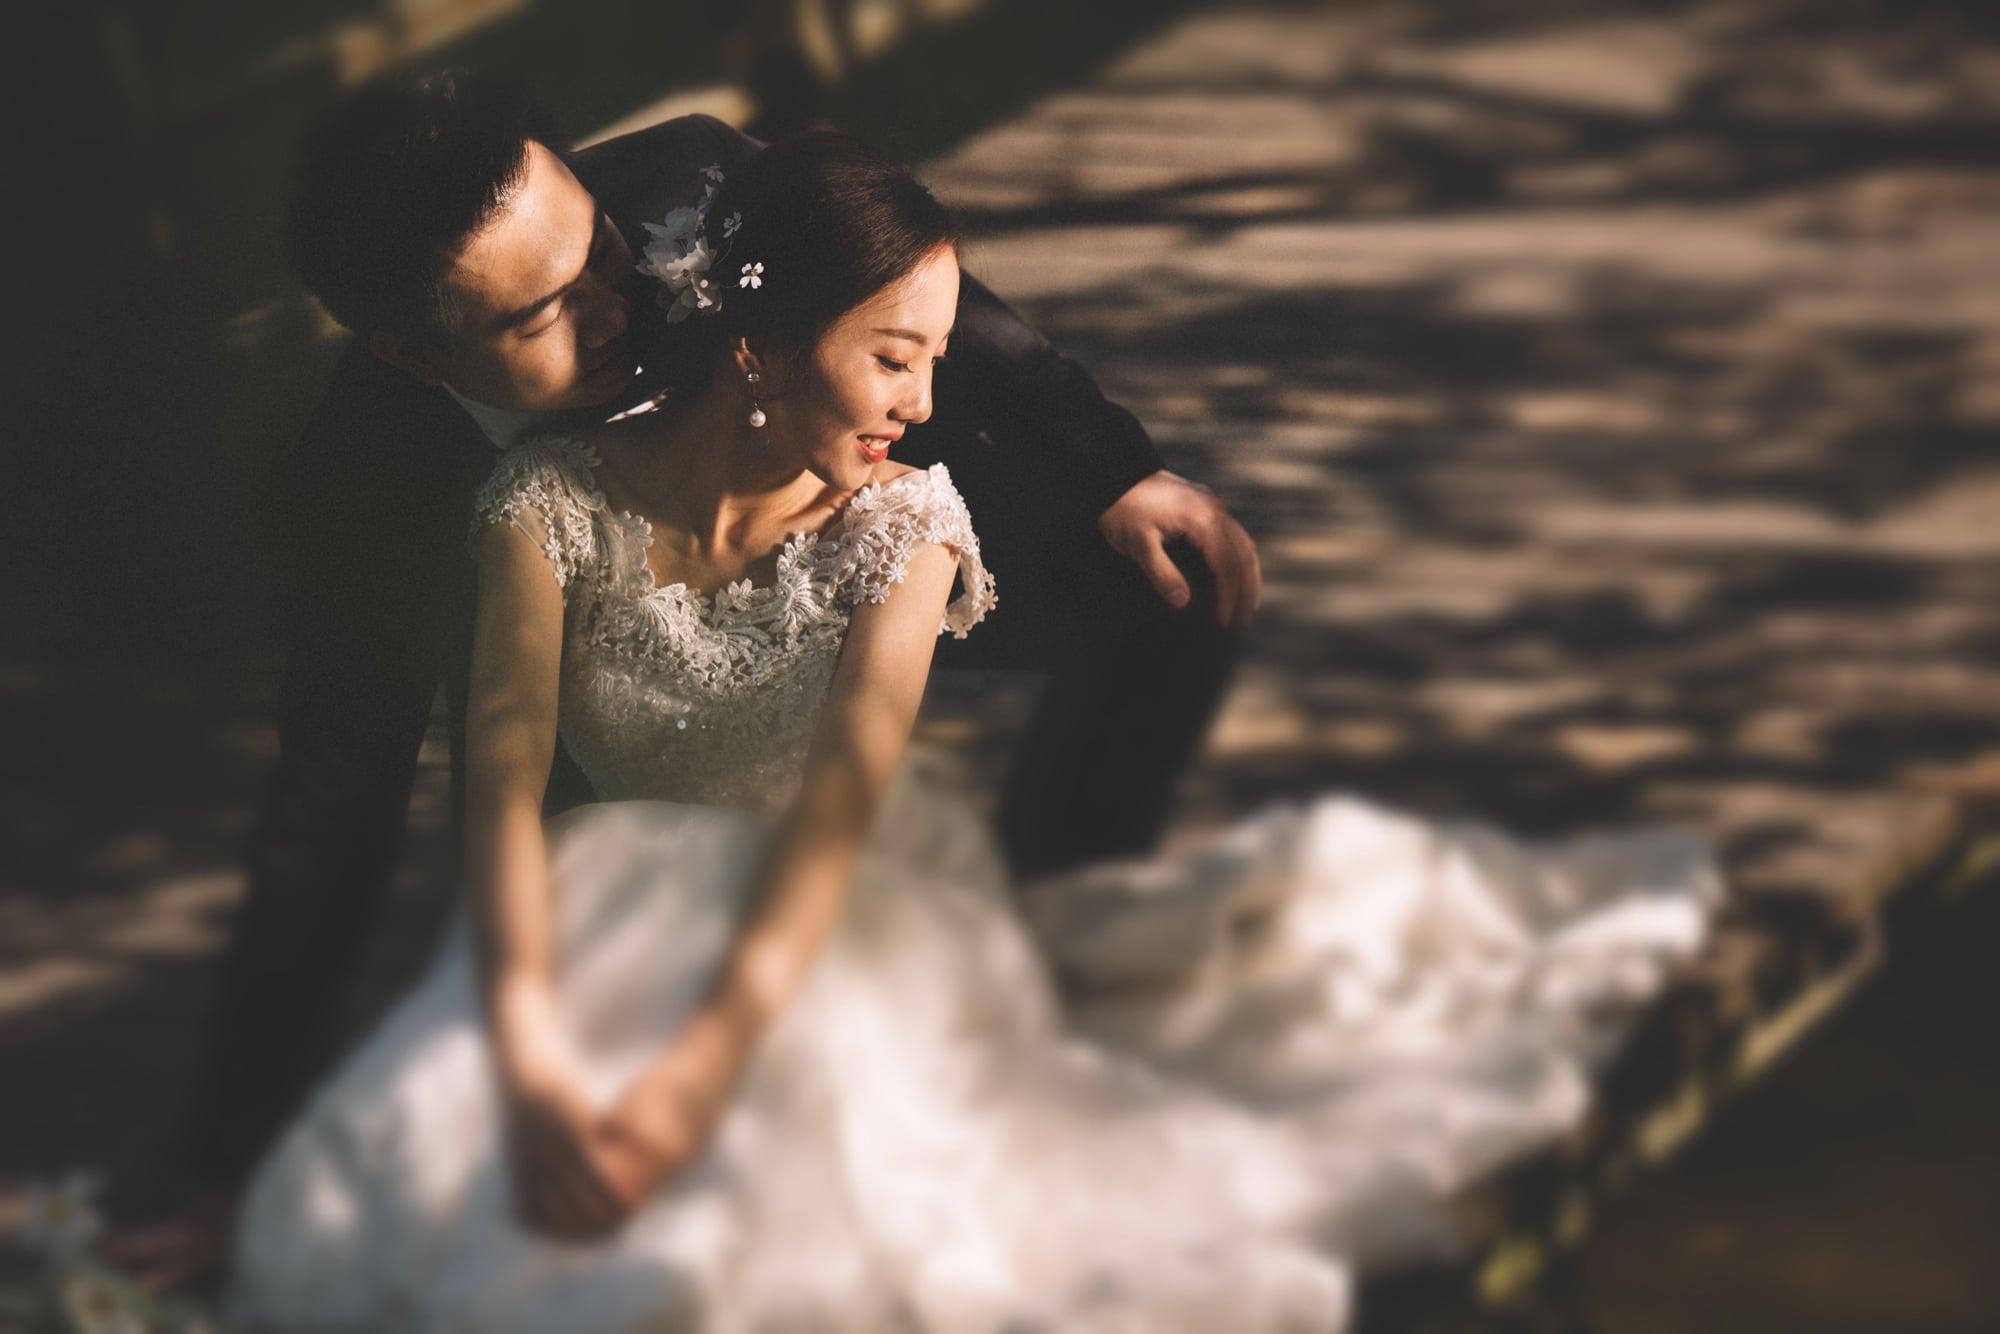 Chỉ cần chồng đối xử như thế này, bảo đảm vợ suốt đời tận tụy, không thay lòng - Ảnh 2